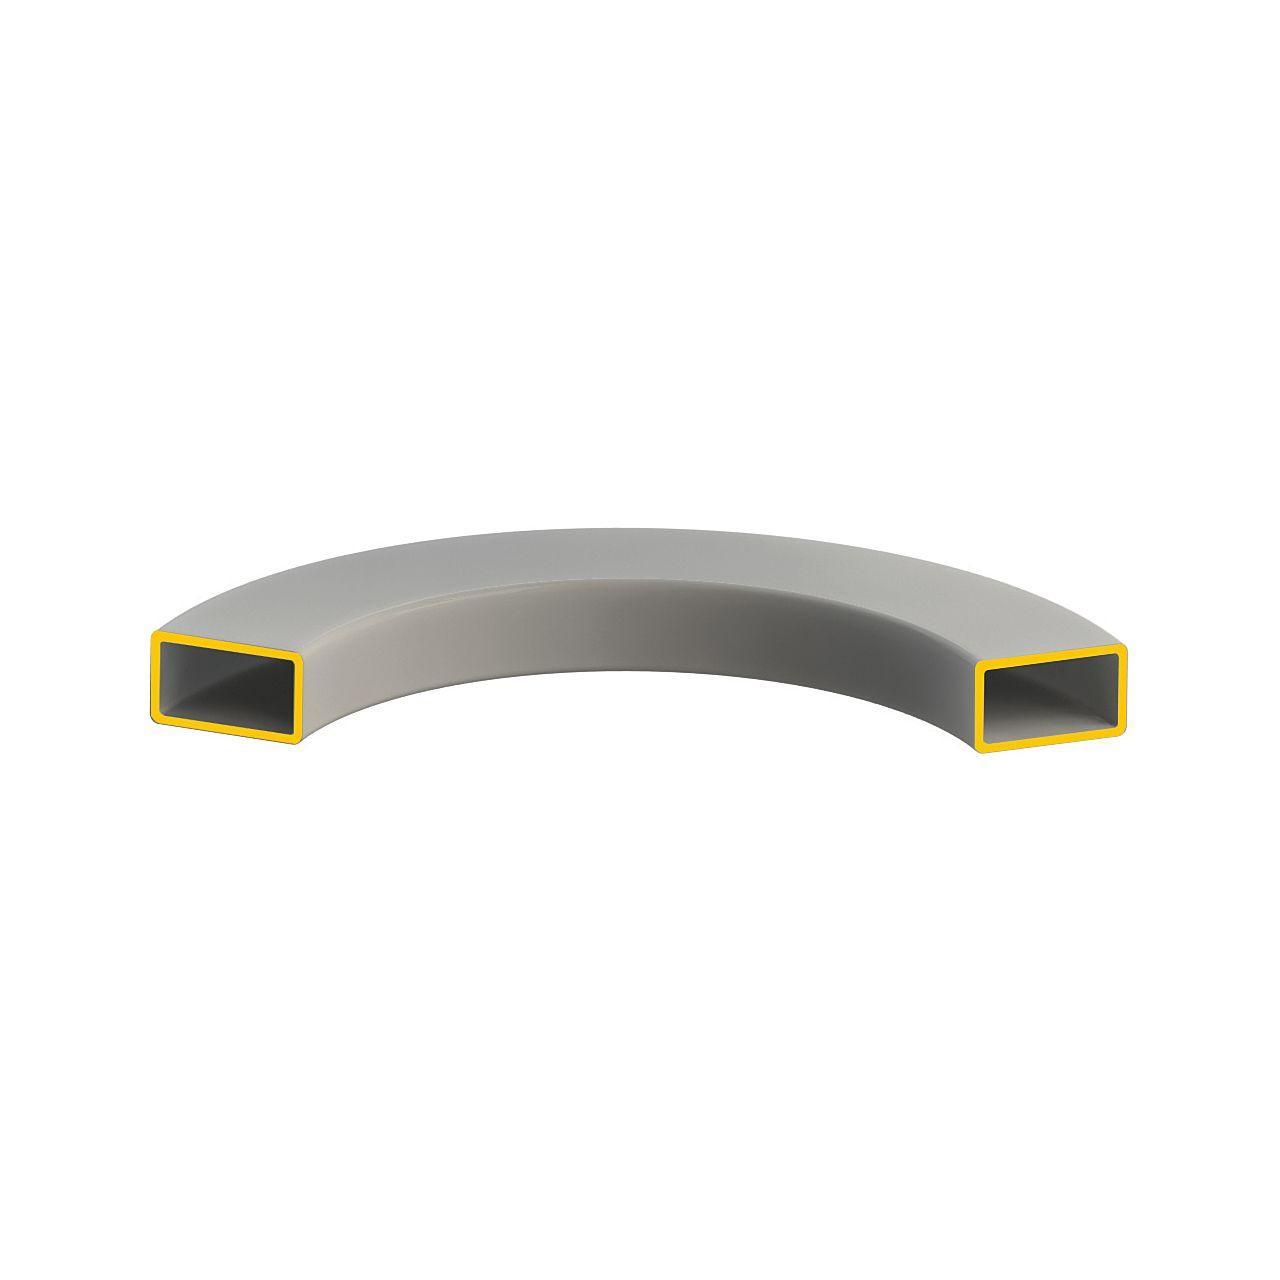 Роликовый комплект стальной тип B4 для RBM 25 / RBM 25 M